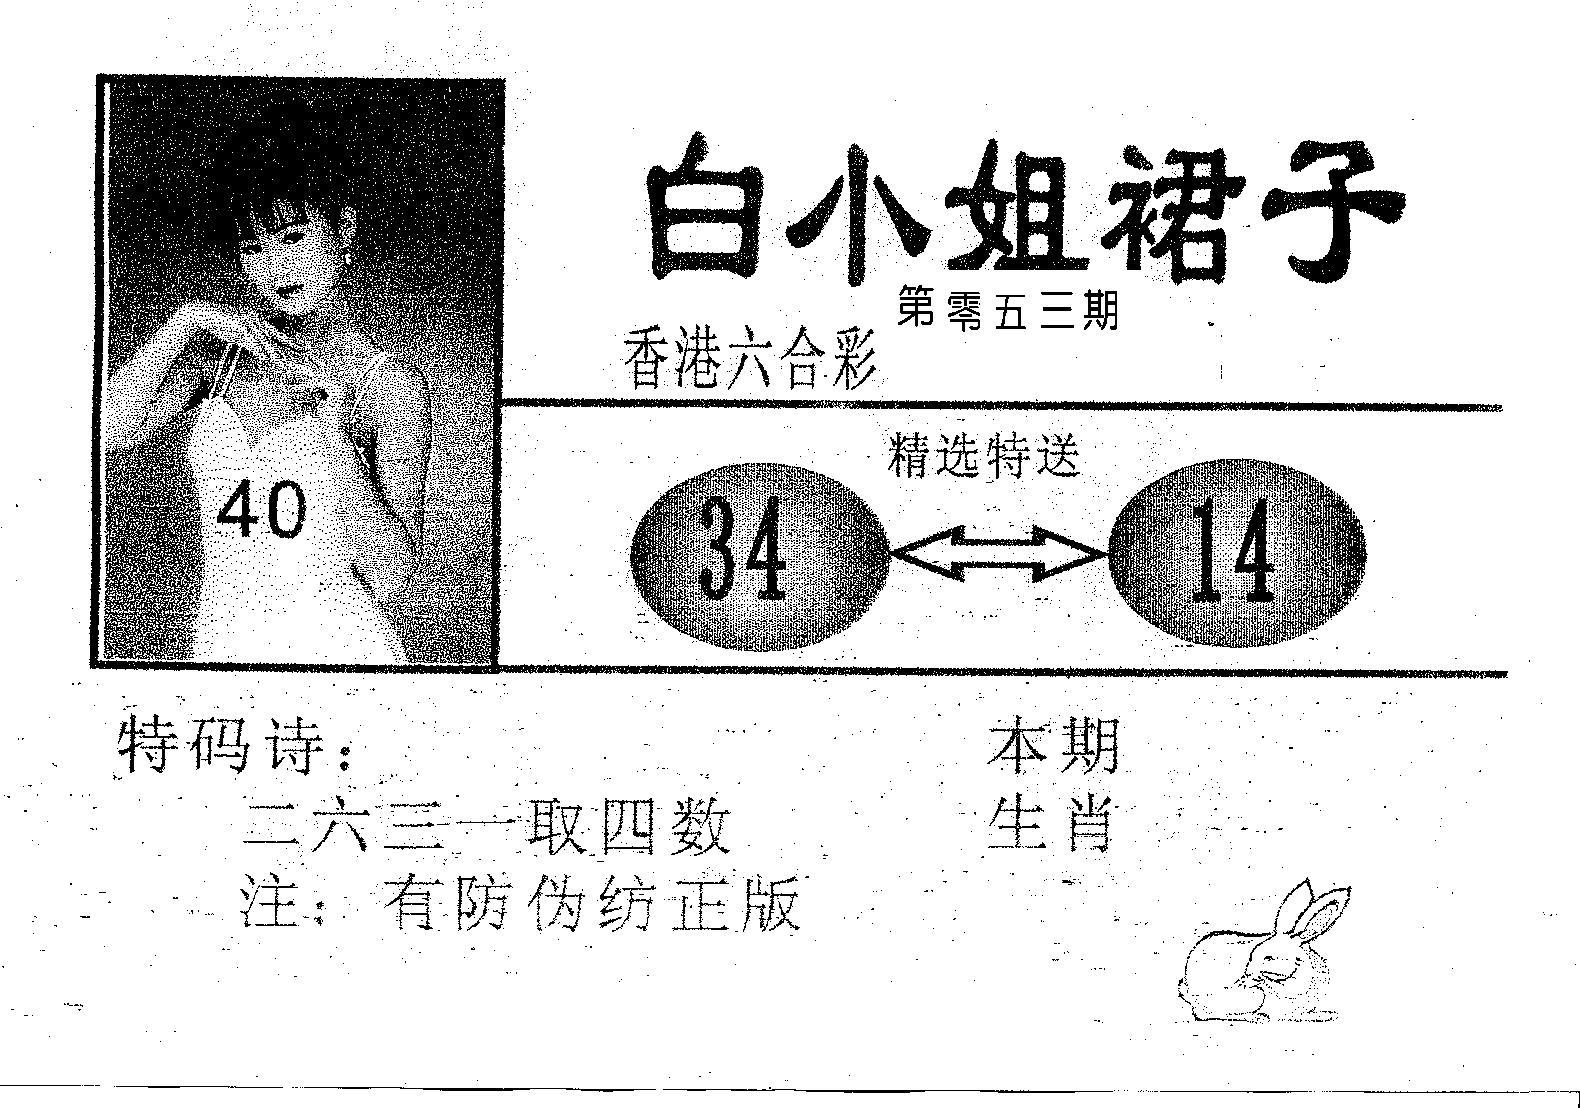 053期白姐裙子(黑白)